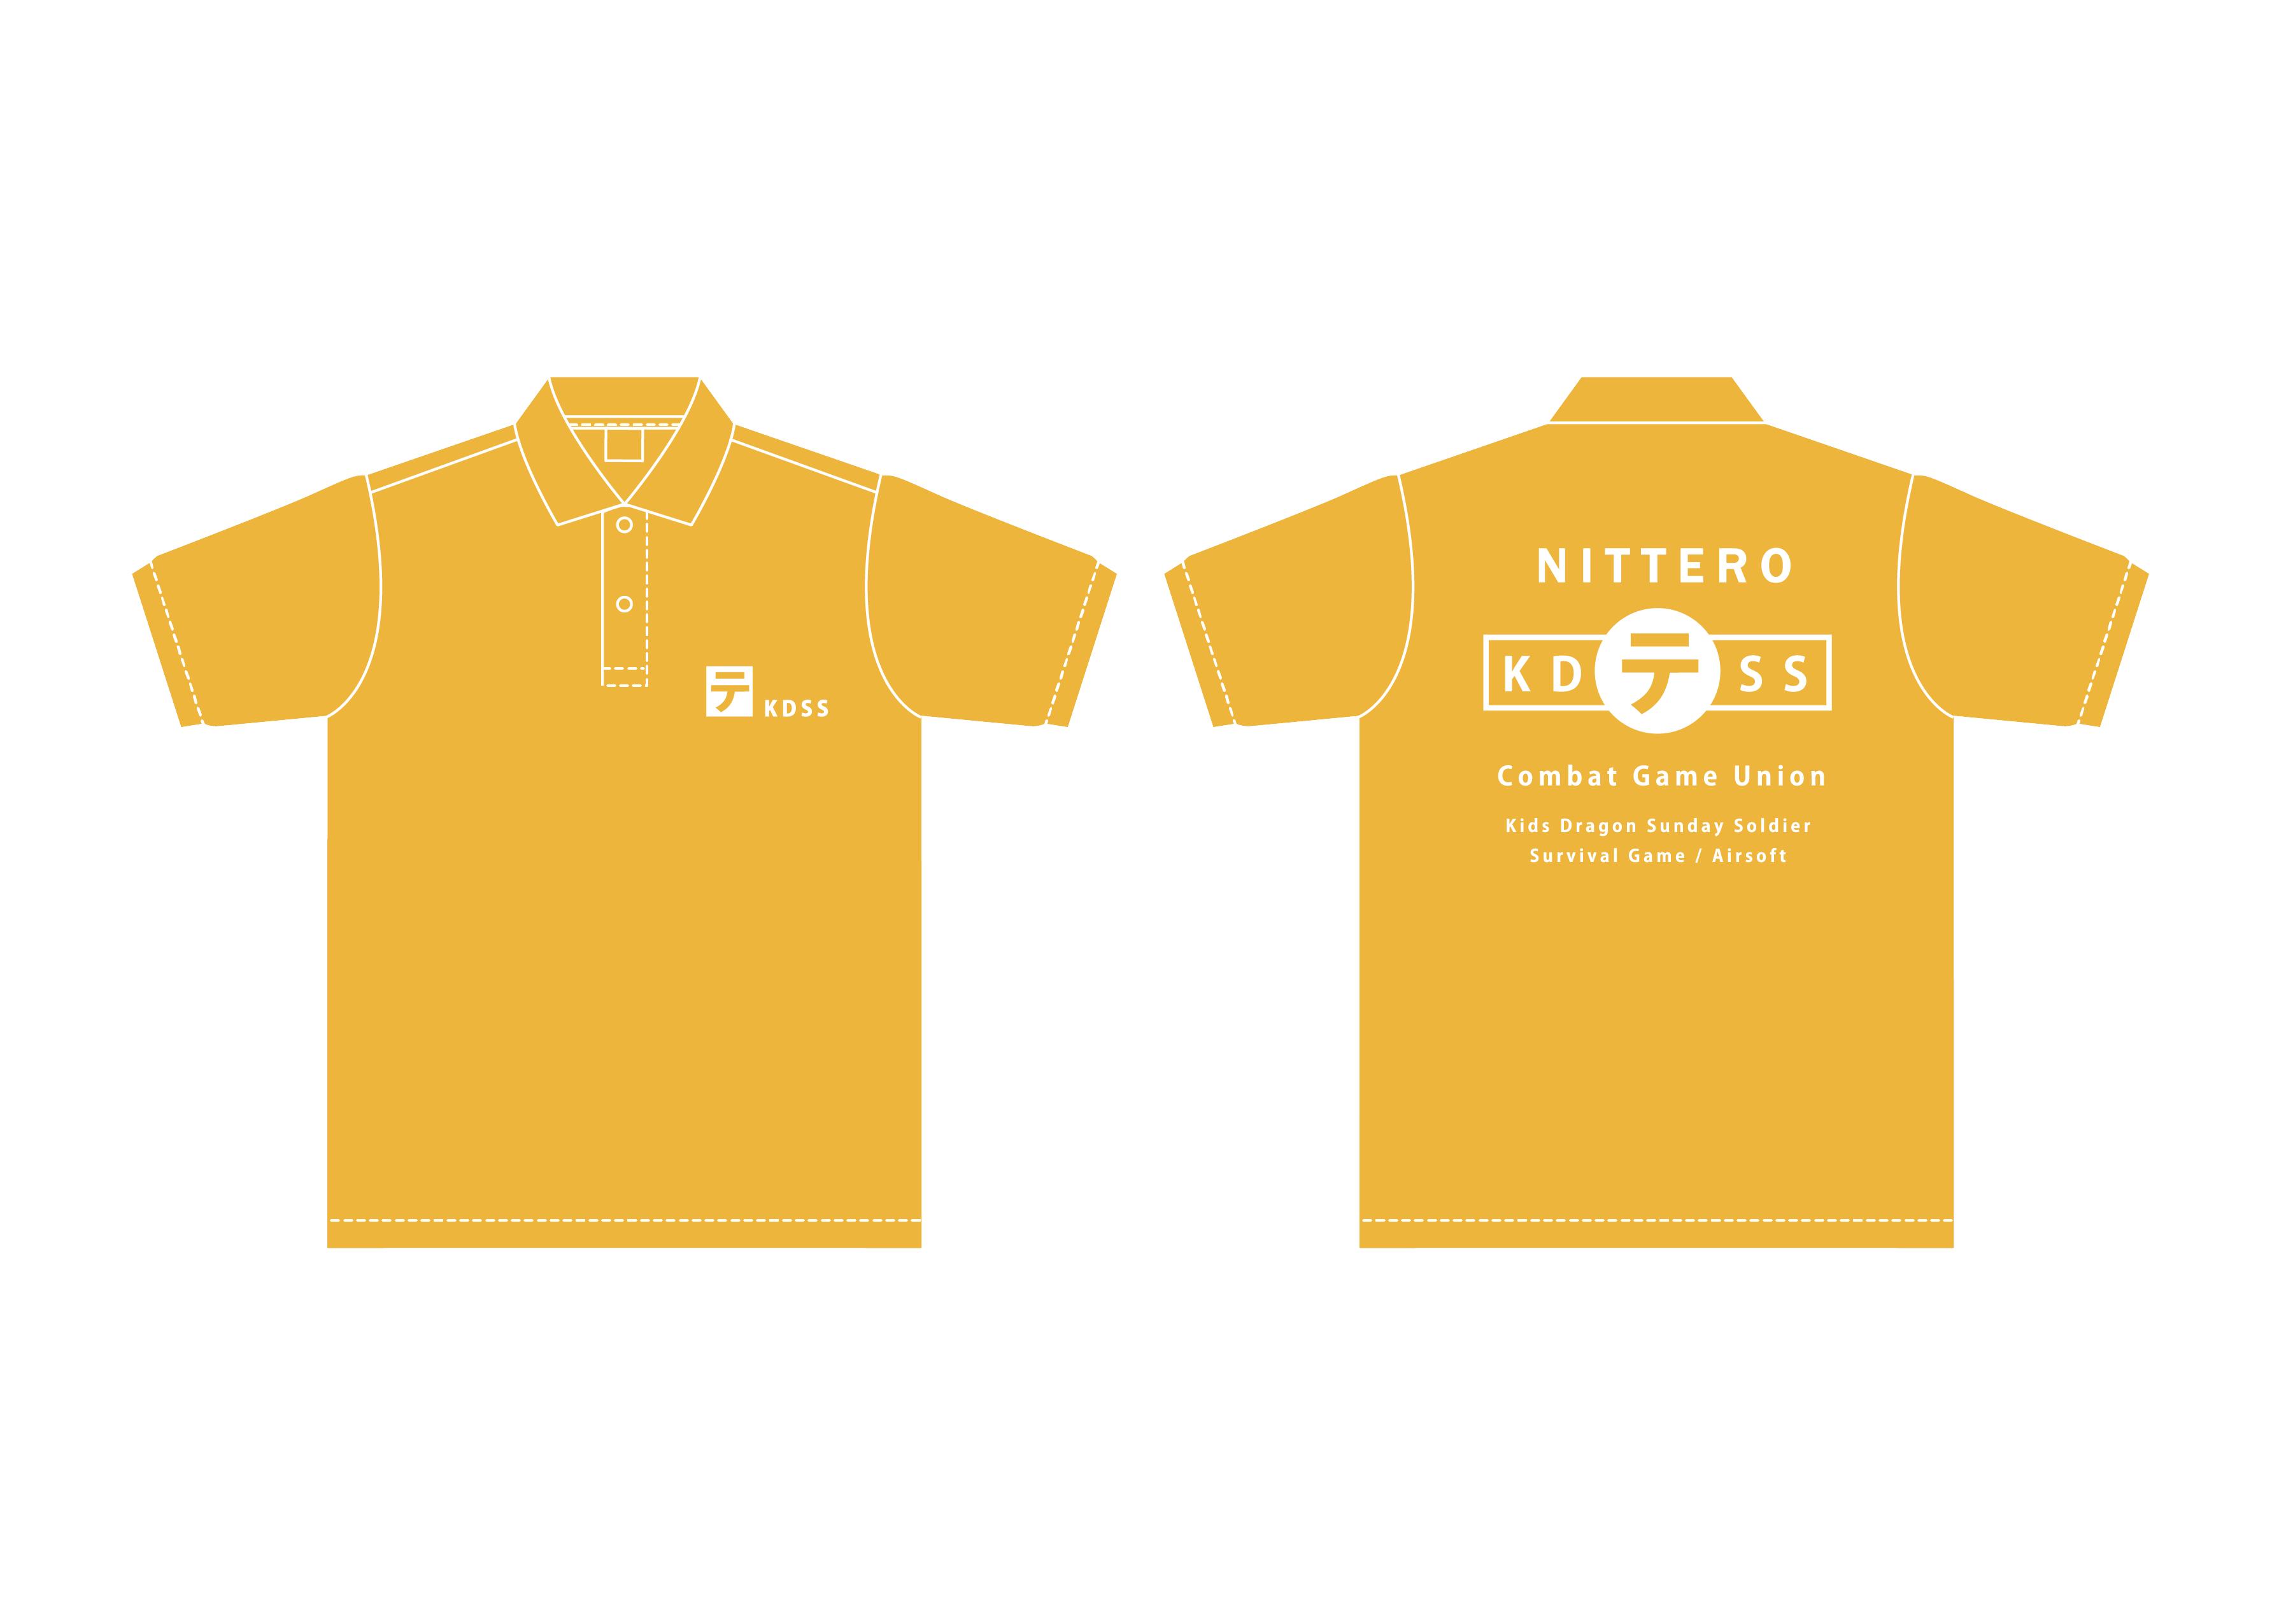 077 ゴールドイエロー